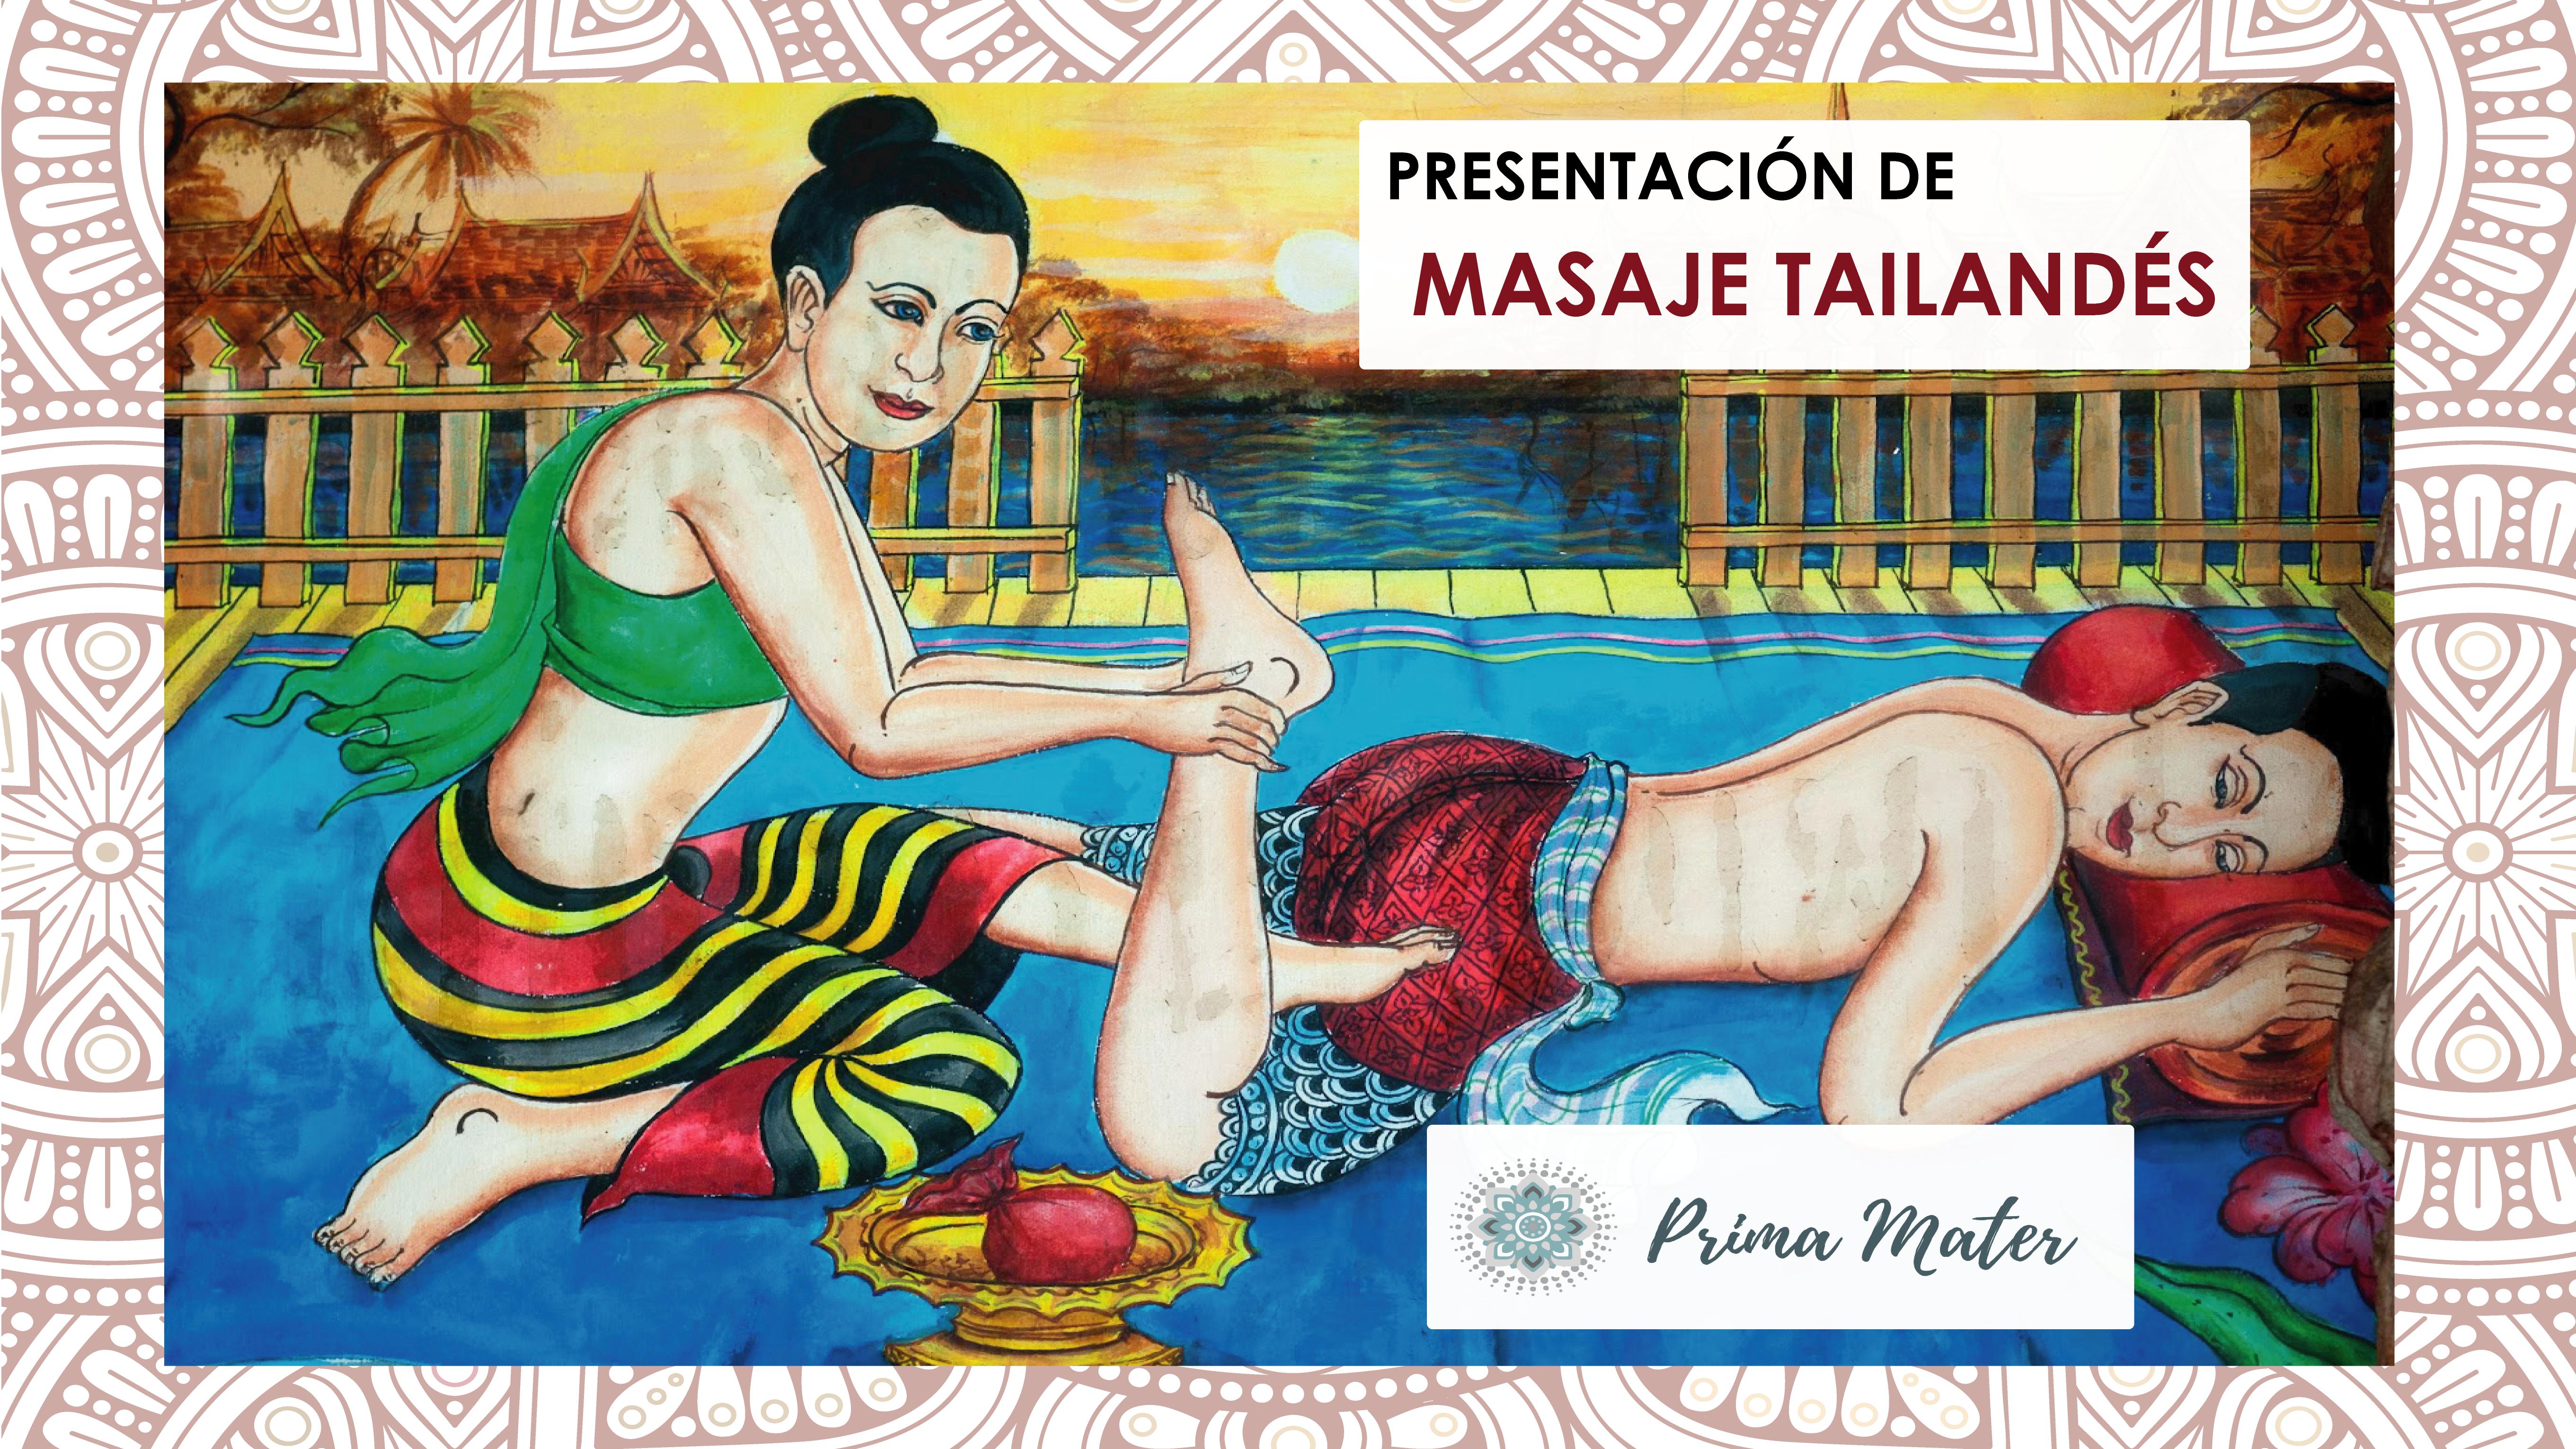 imagen-presentacion-masaje-tailandes-evento-facebook